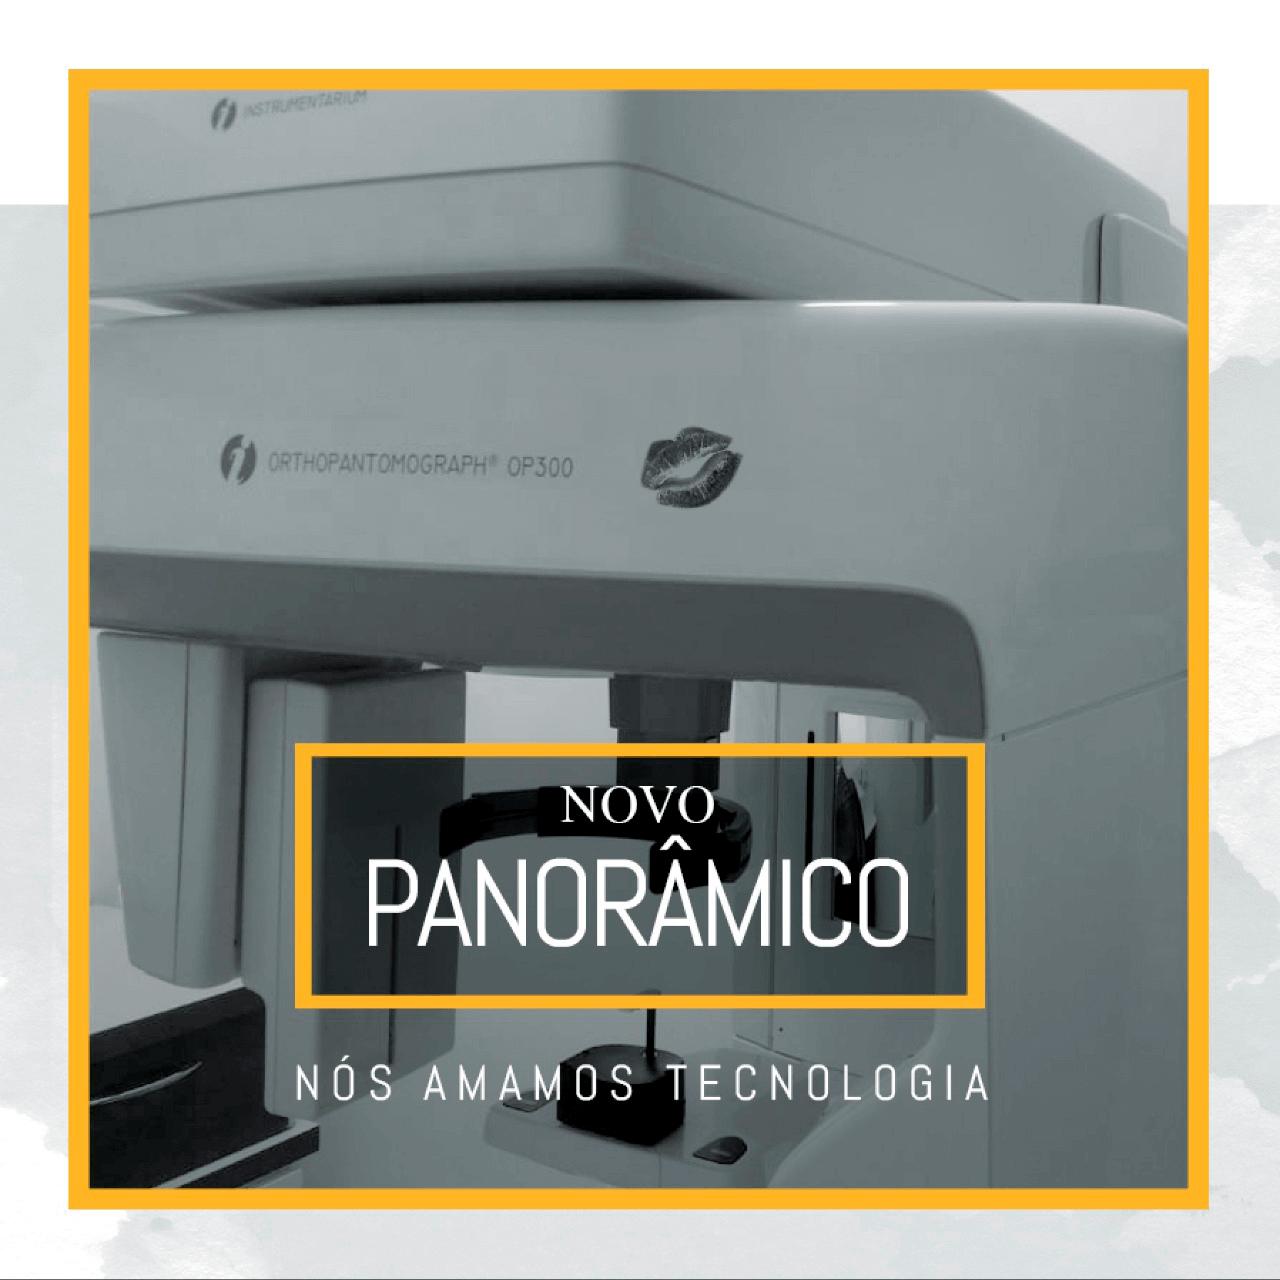 Conheça o nosso mais recente investimento em tecnologia: imagem digital panorâmica OP300® da KAVO